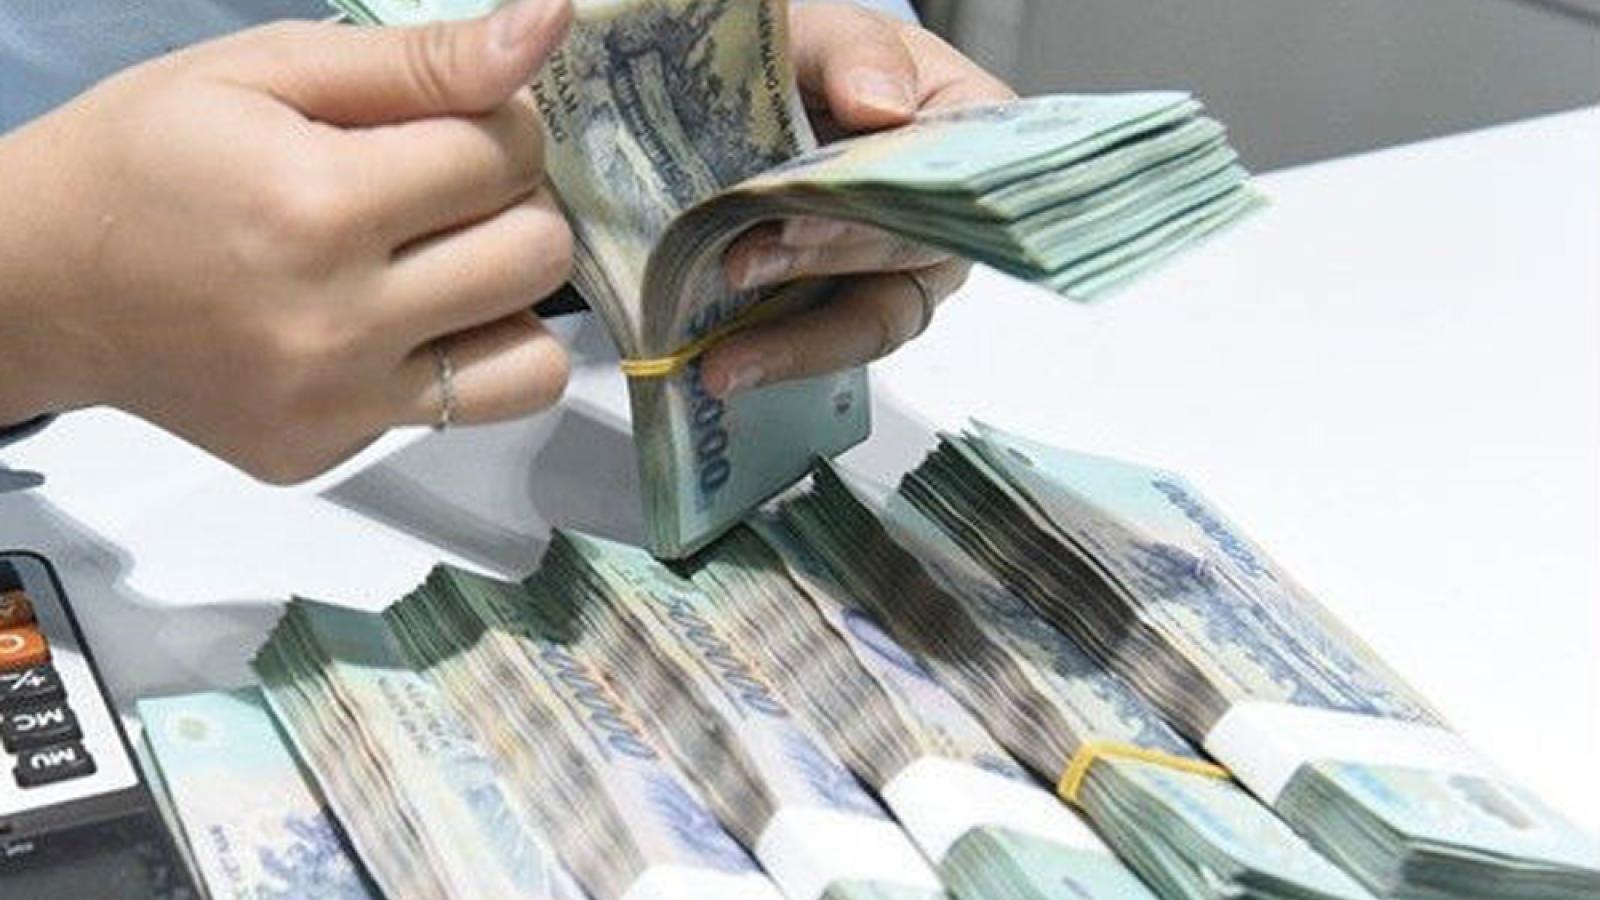 Tích cực xử lý nợ xấu, kiểm soát và hạn chế nợ xấu mới phát sinh